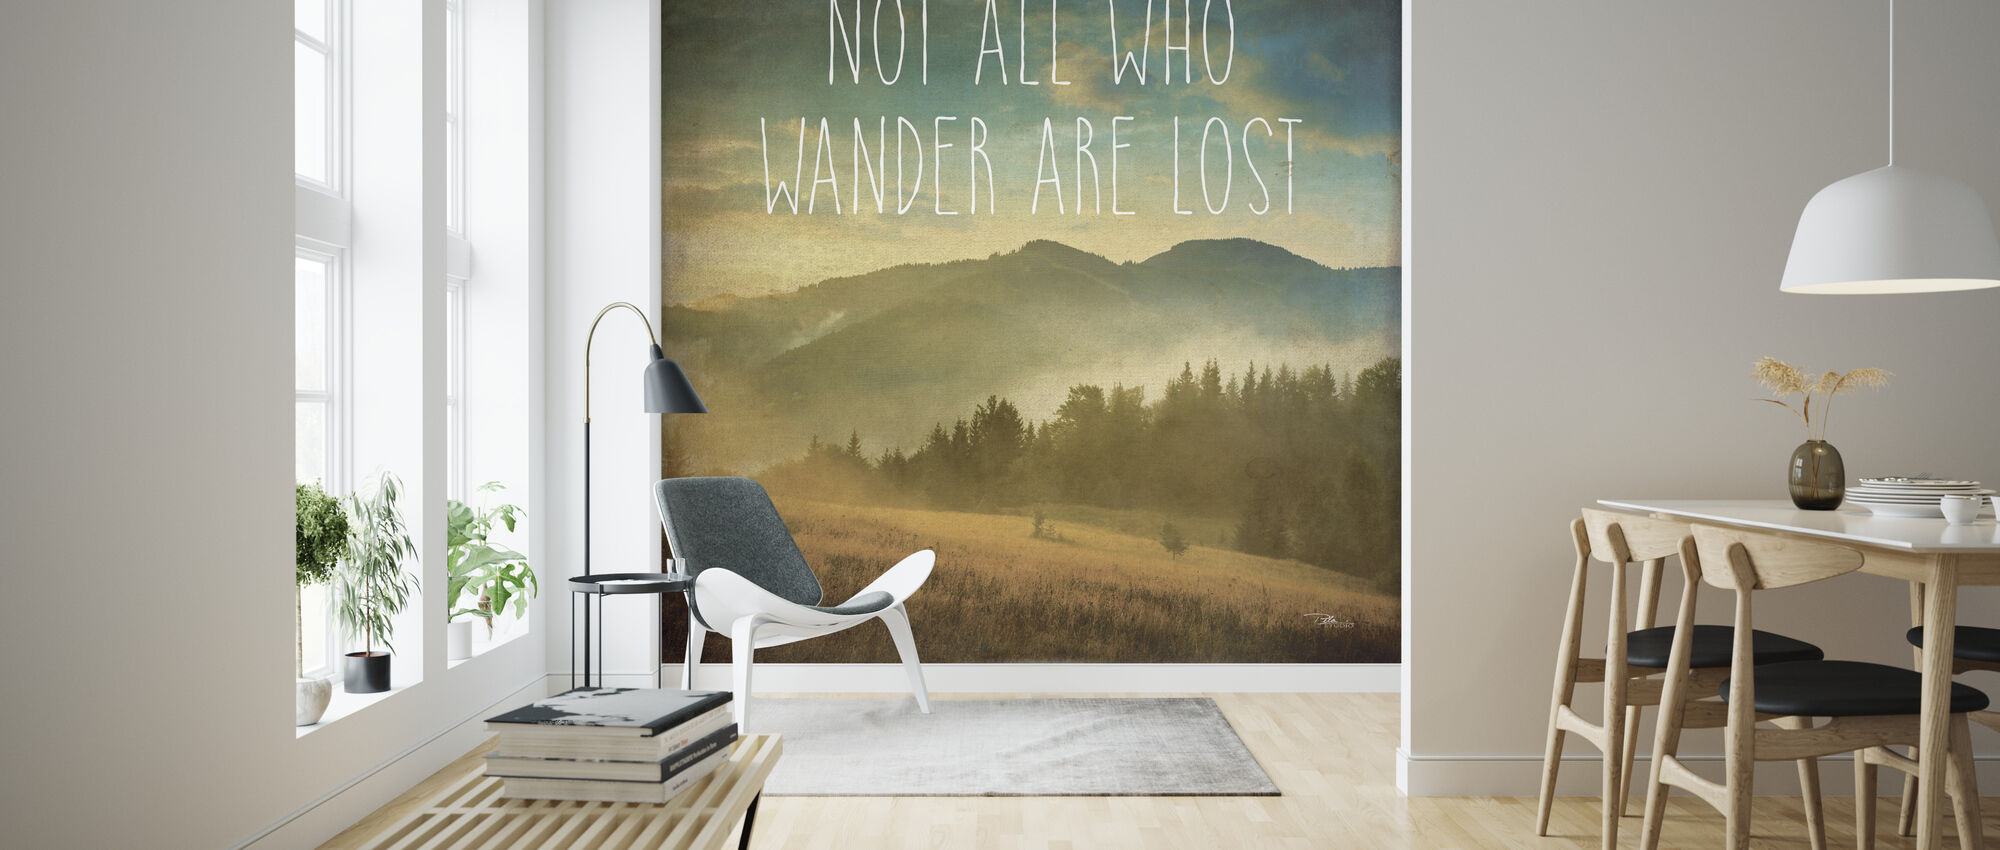 Wander II - Wallpaper - Living Room